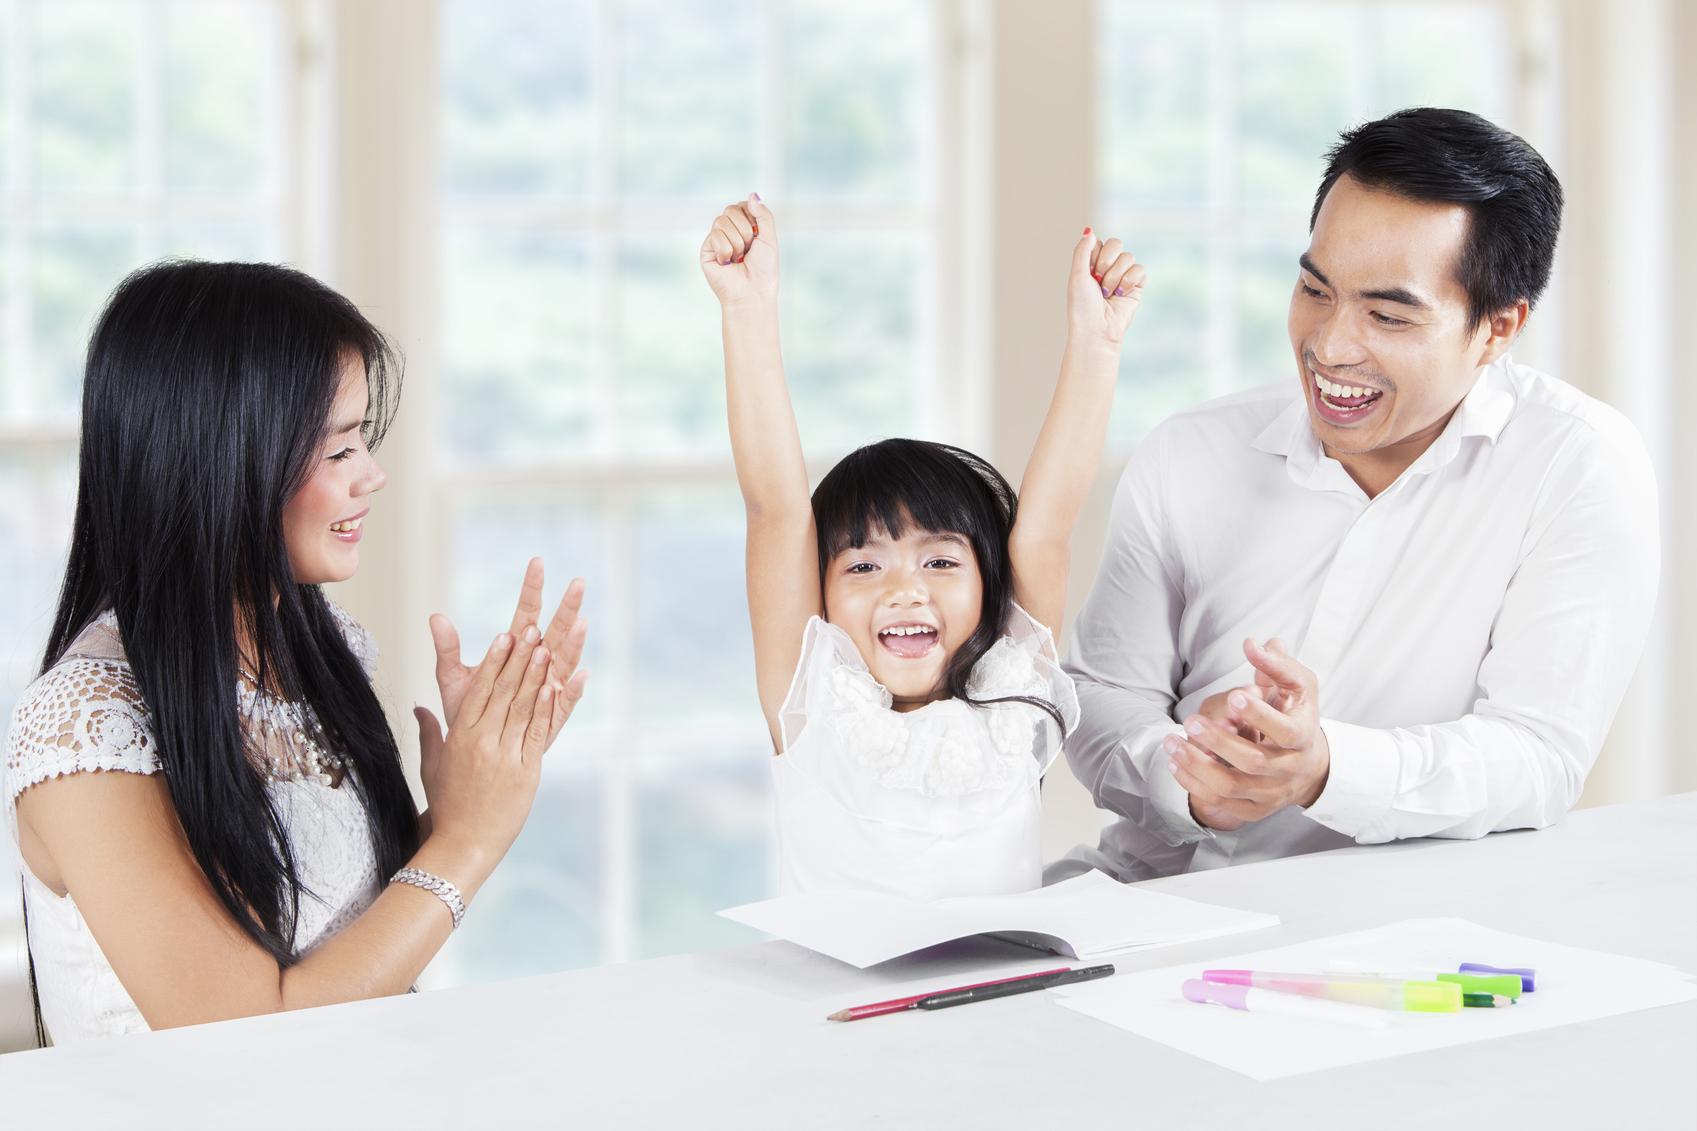 Khen ngợi con thế nào cho đúng (Ảnh: ParentMap)